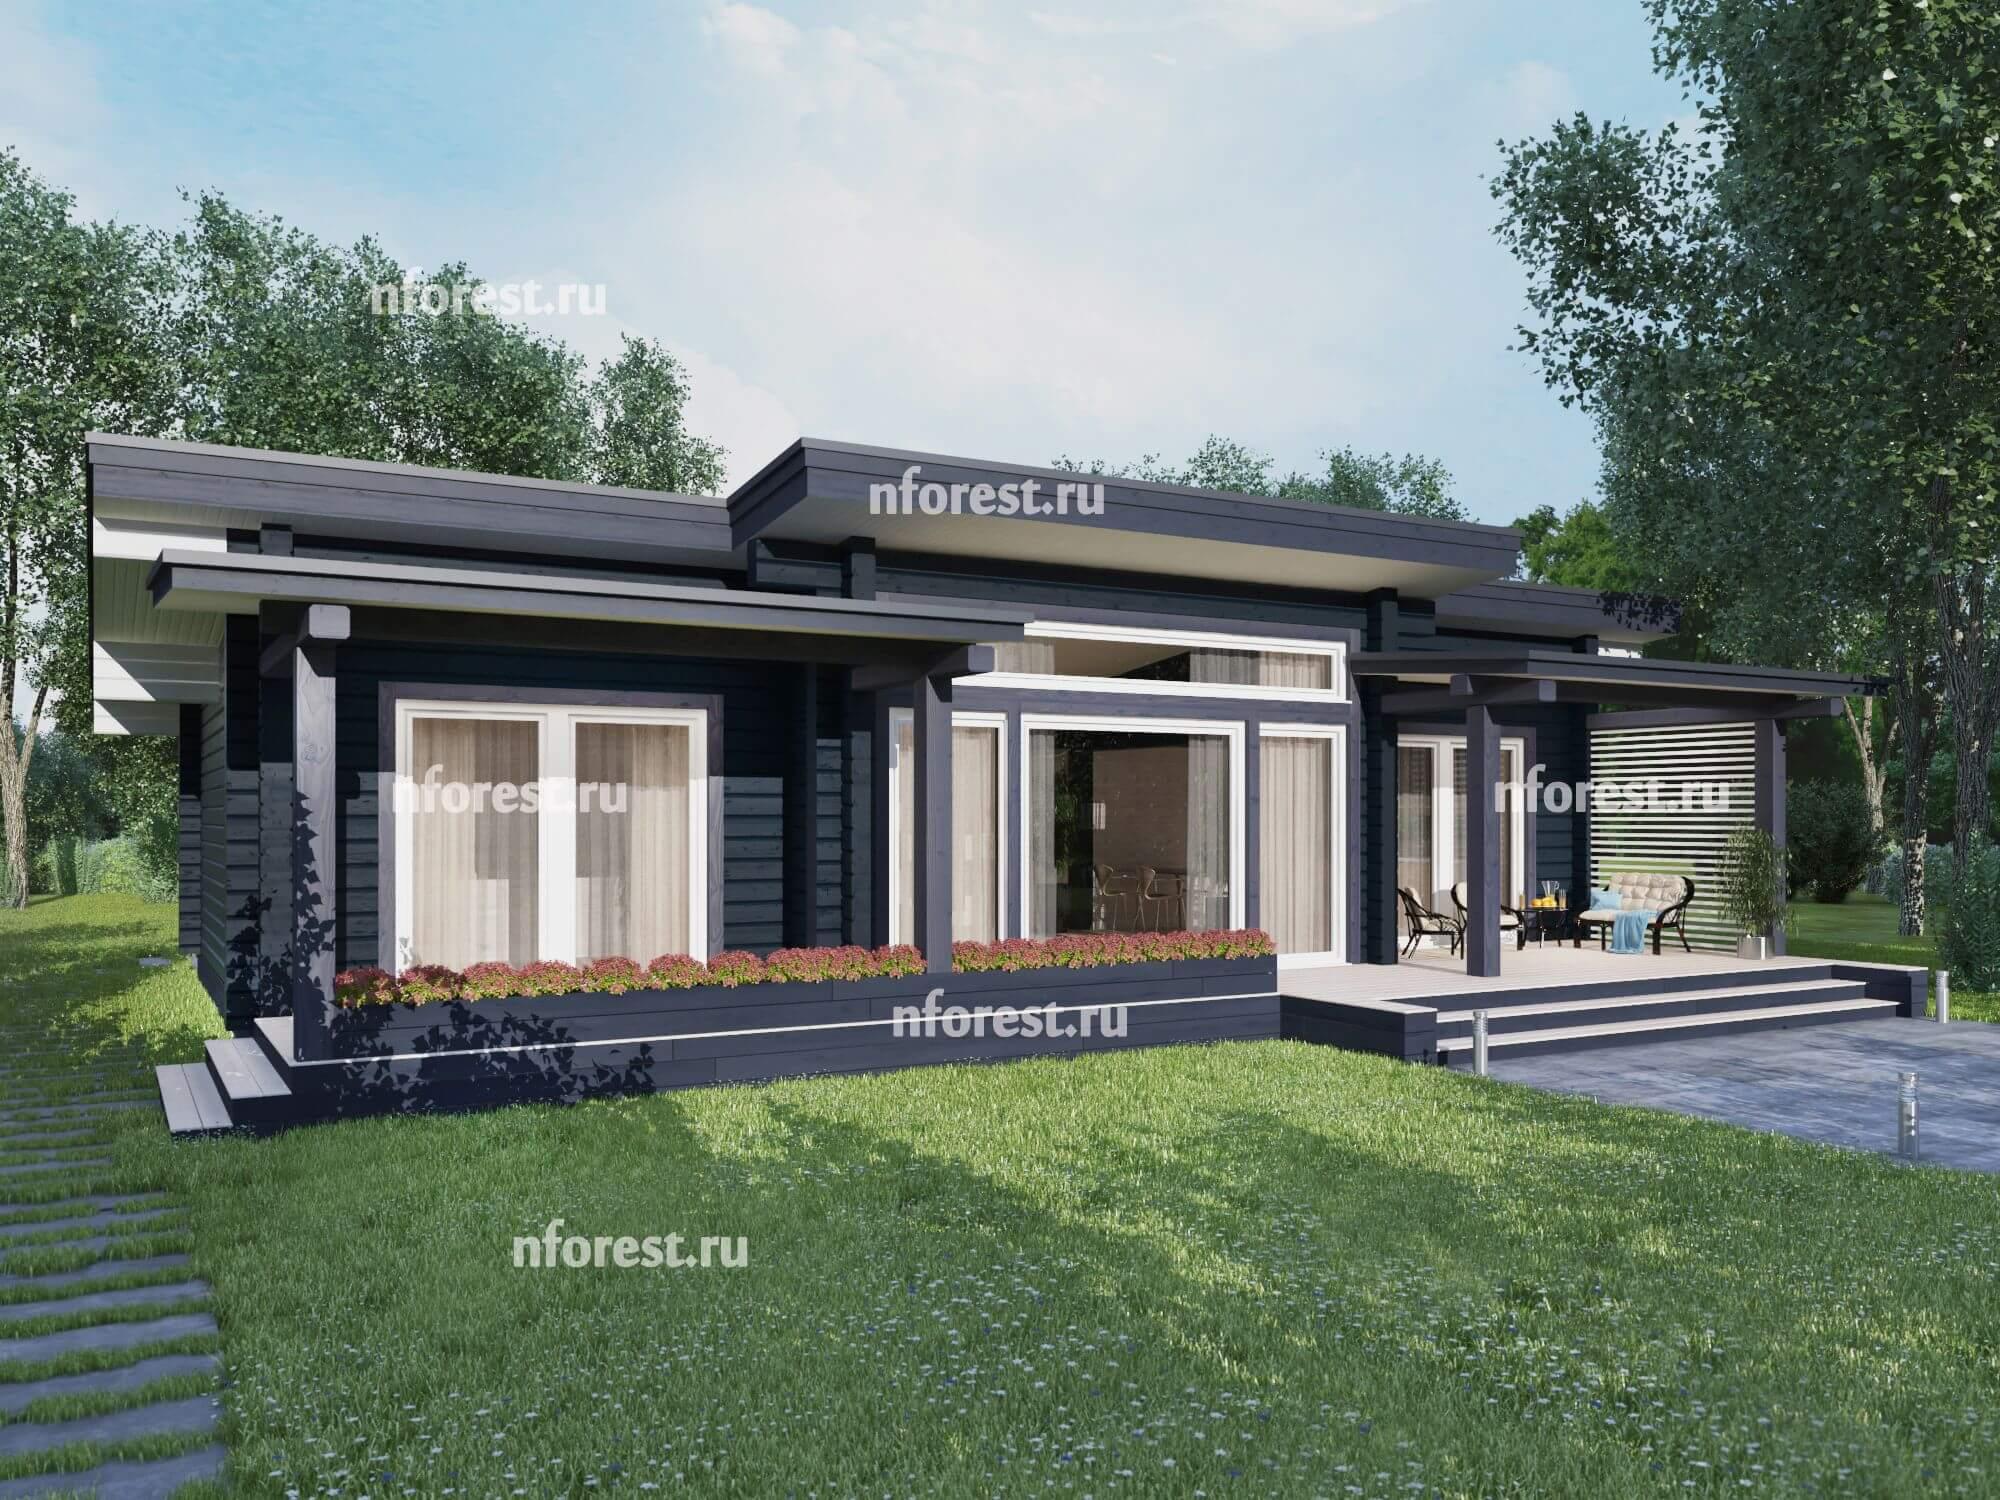 Дом из бруса с панорамными окнами: прекрасный вид изнутри и снаружи